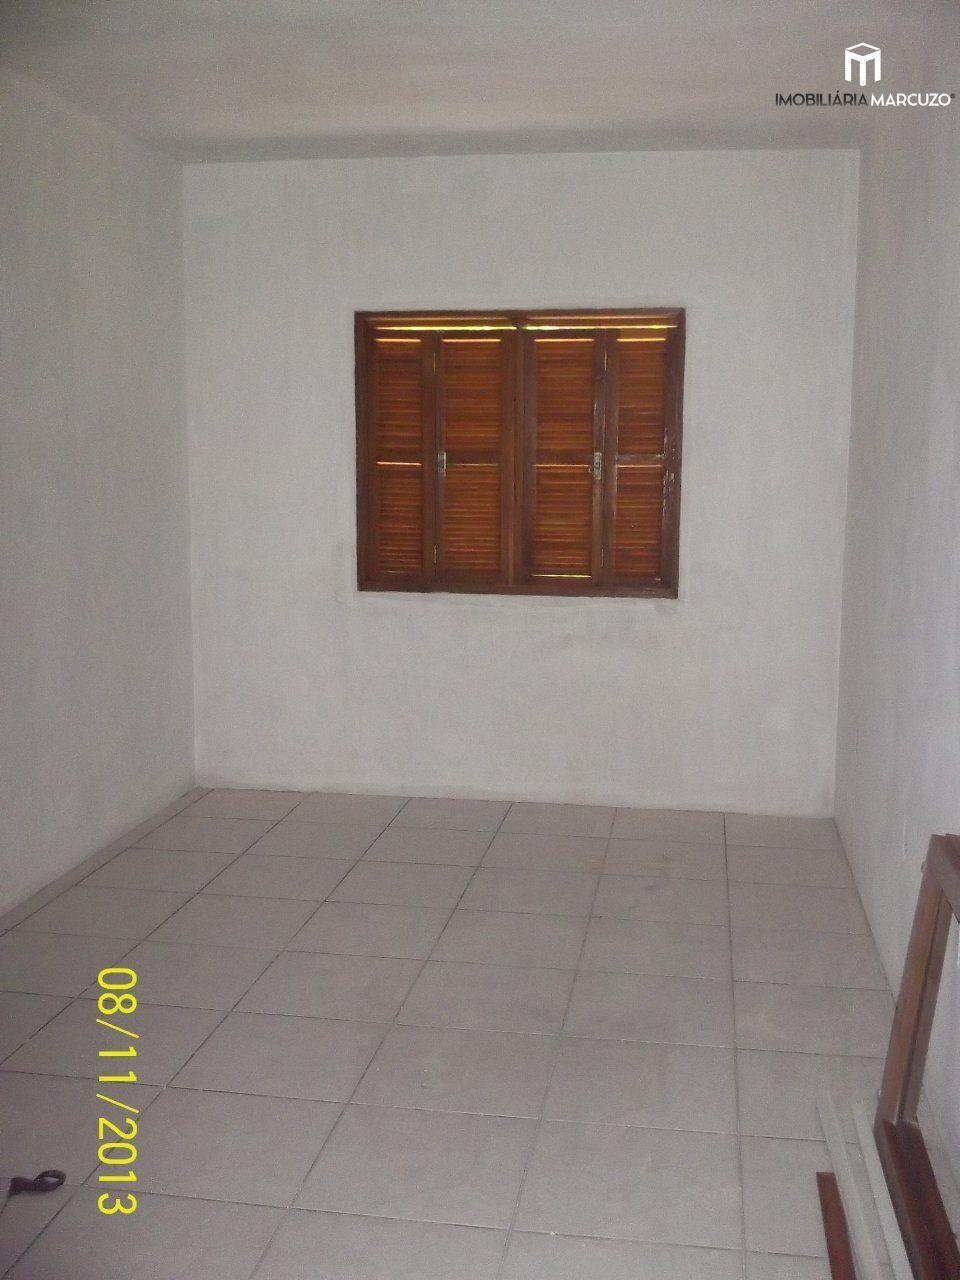 Casa com 3 Dormitórios à venda, 128 m² por R$ 265.000,00